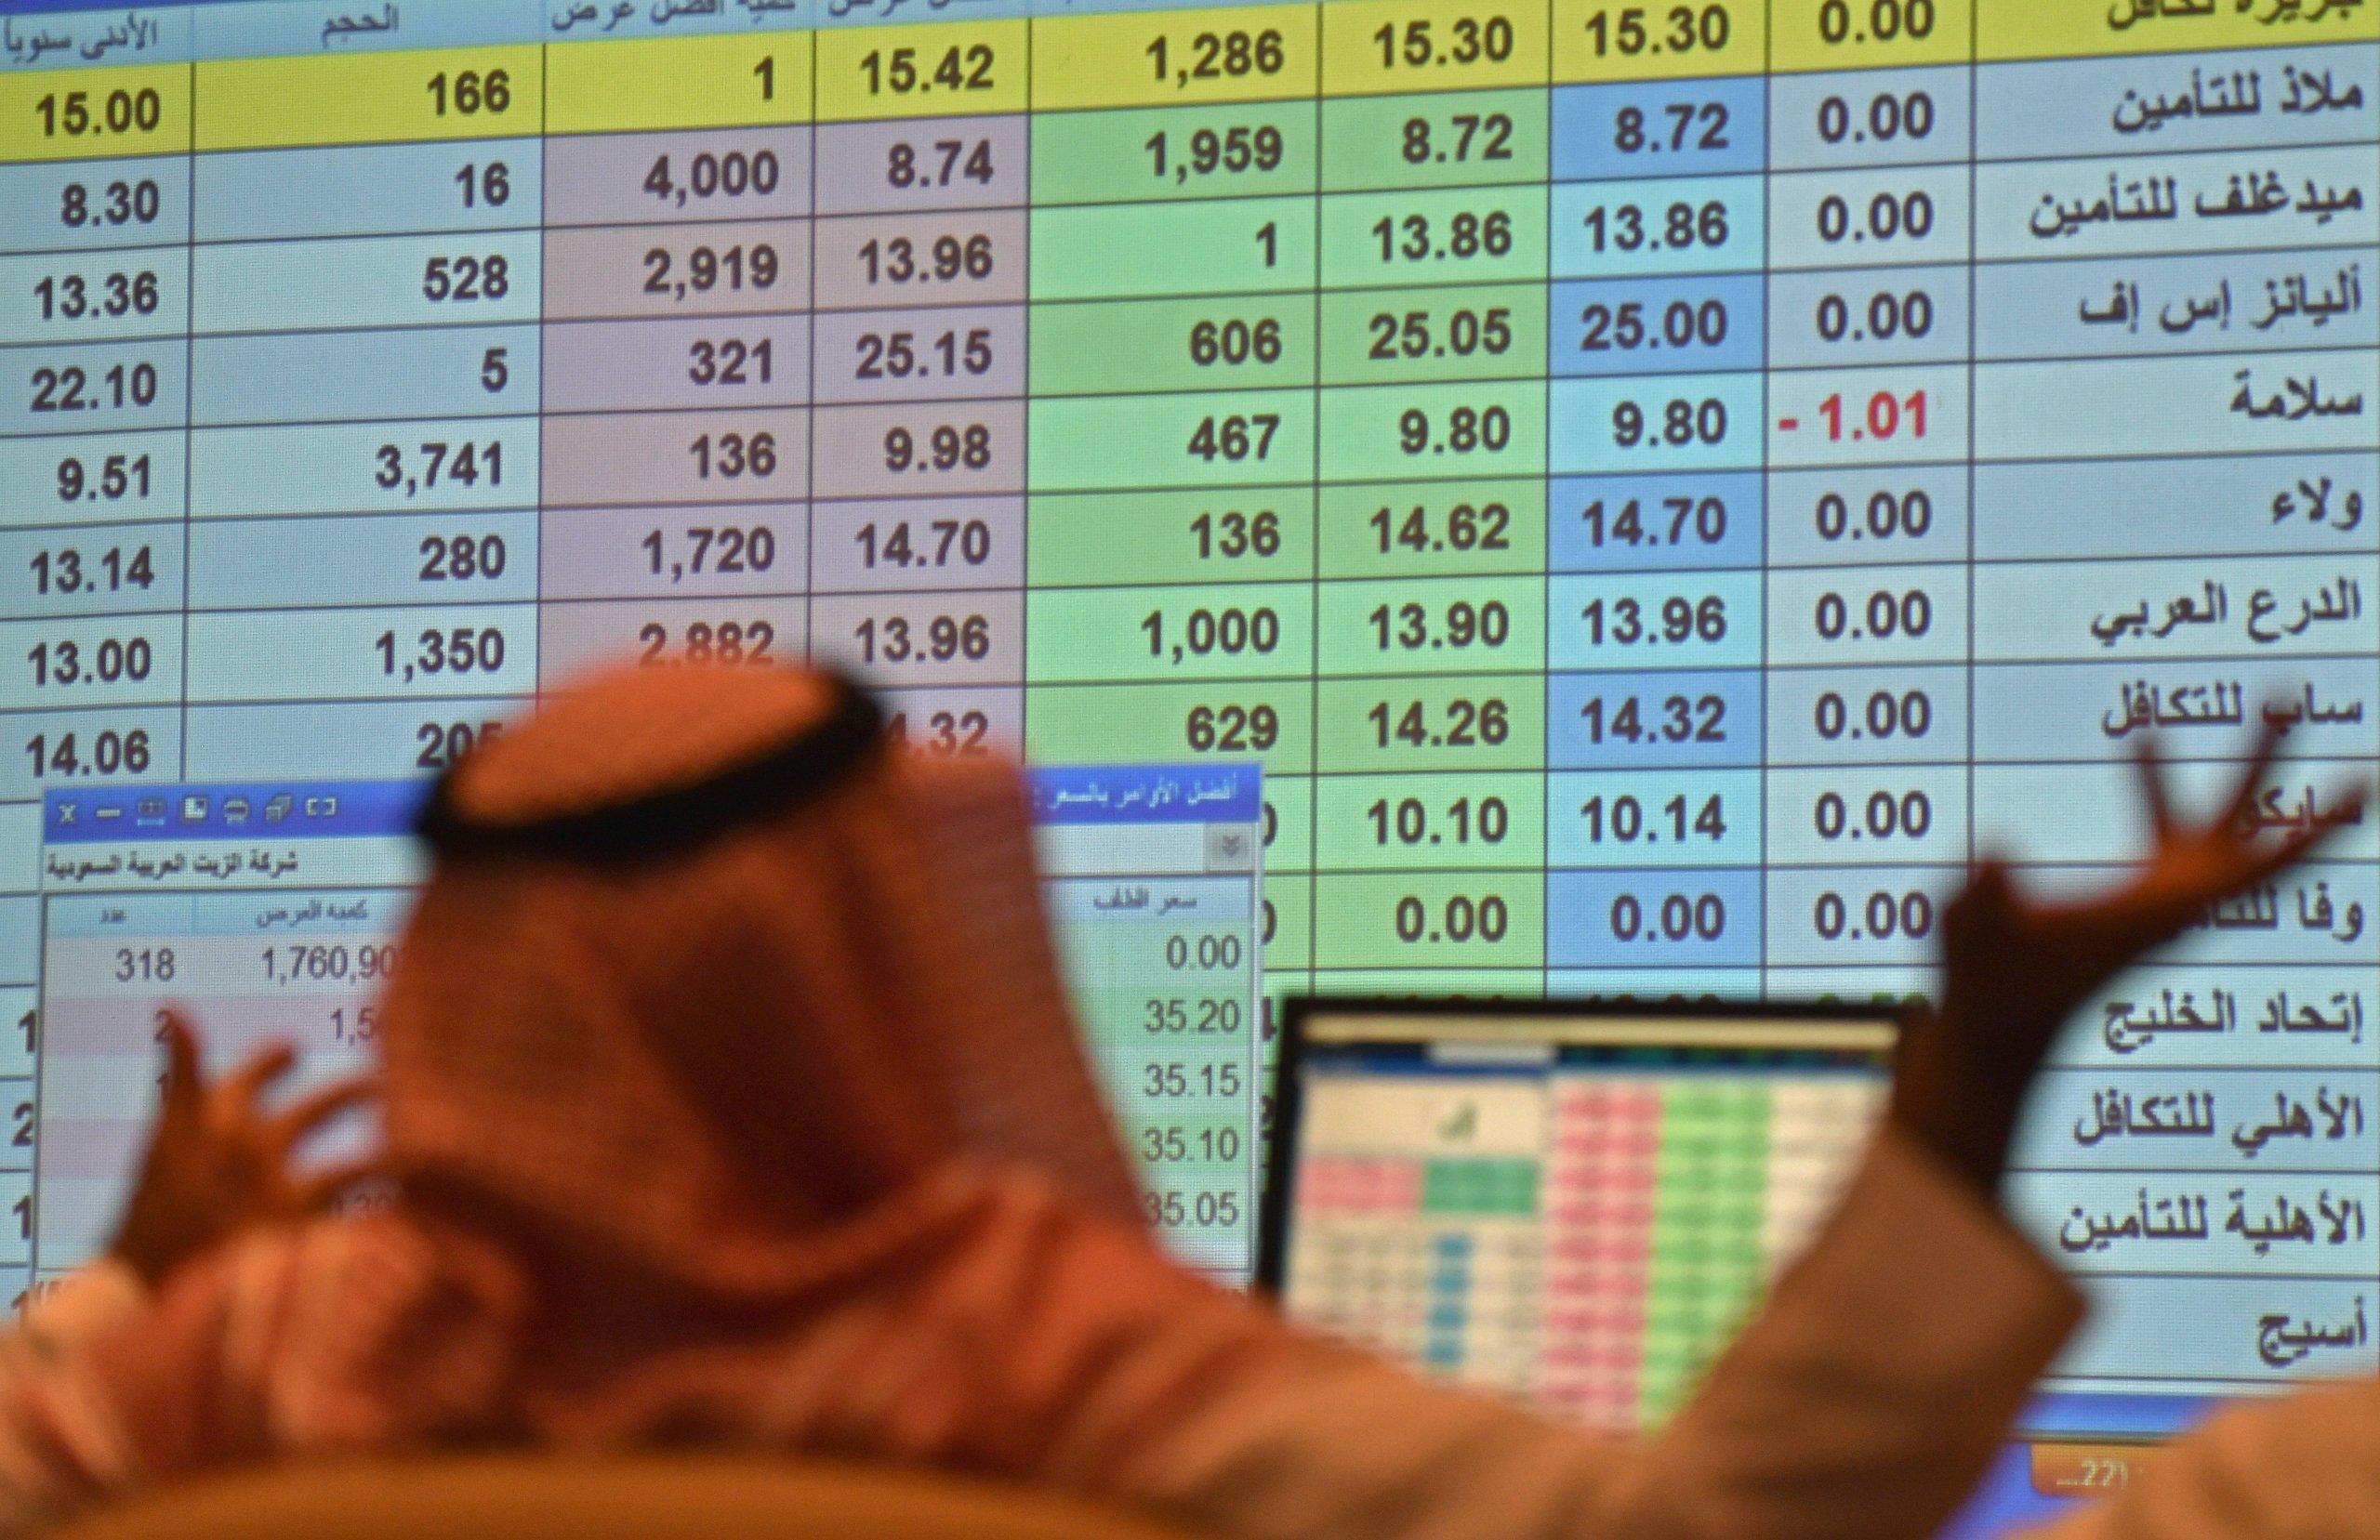 هل هذه فرصتنا الأخيرة لإصلاح القطاع الخاص في الخليج؟